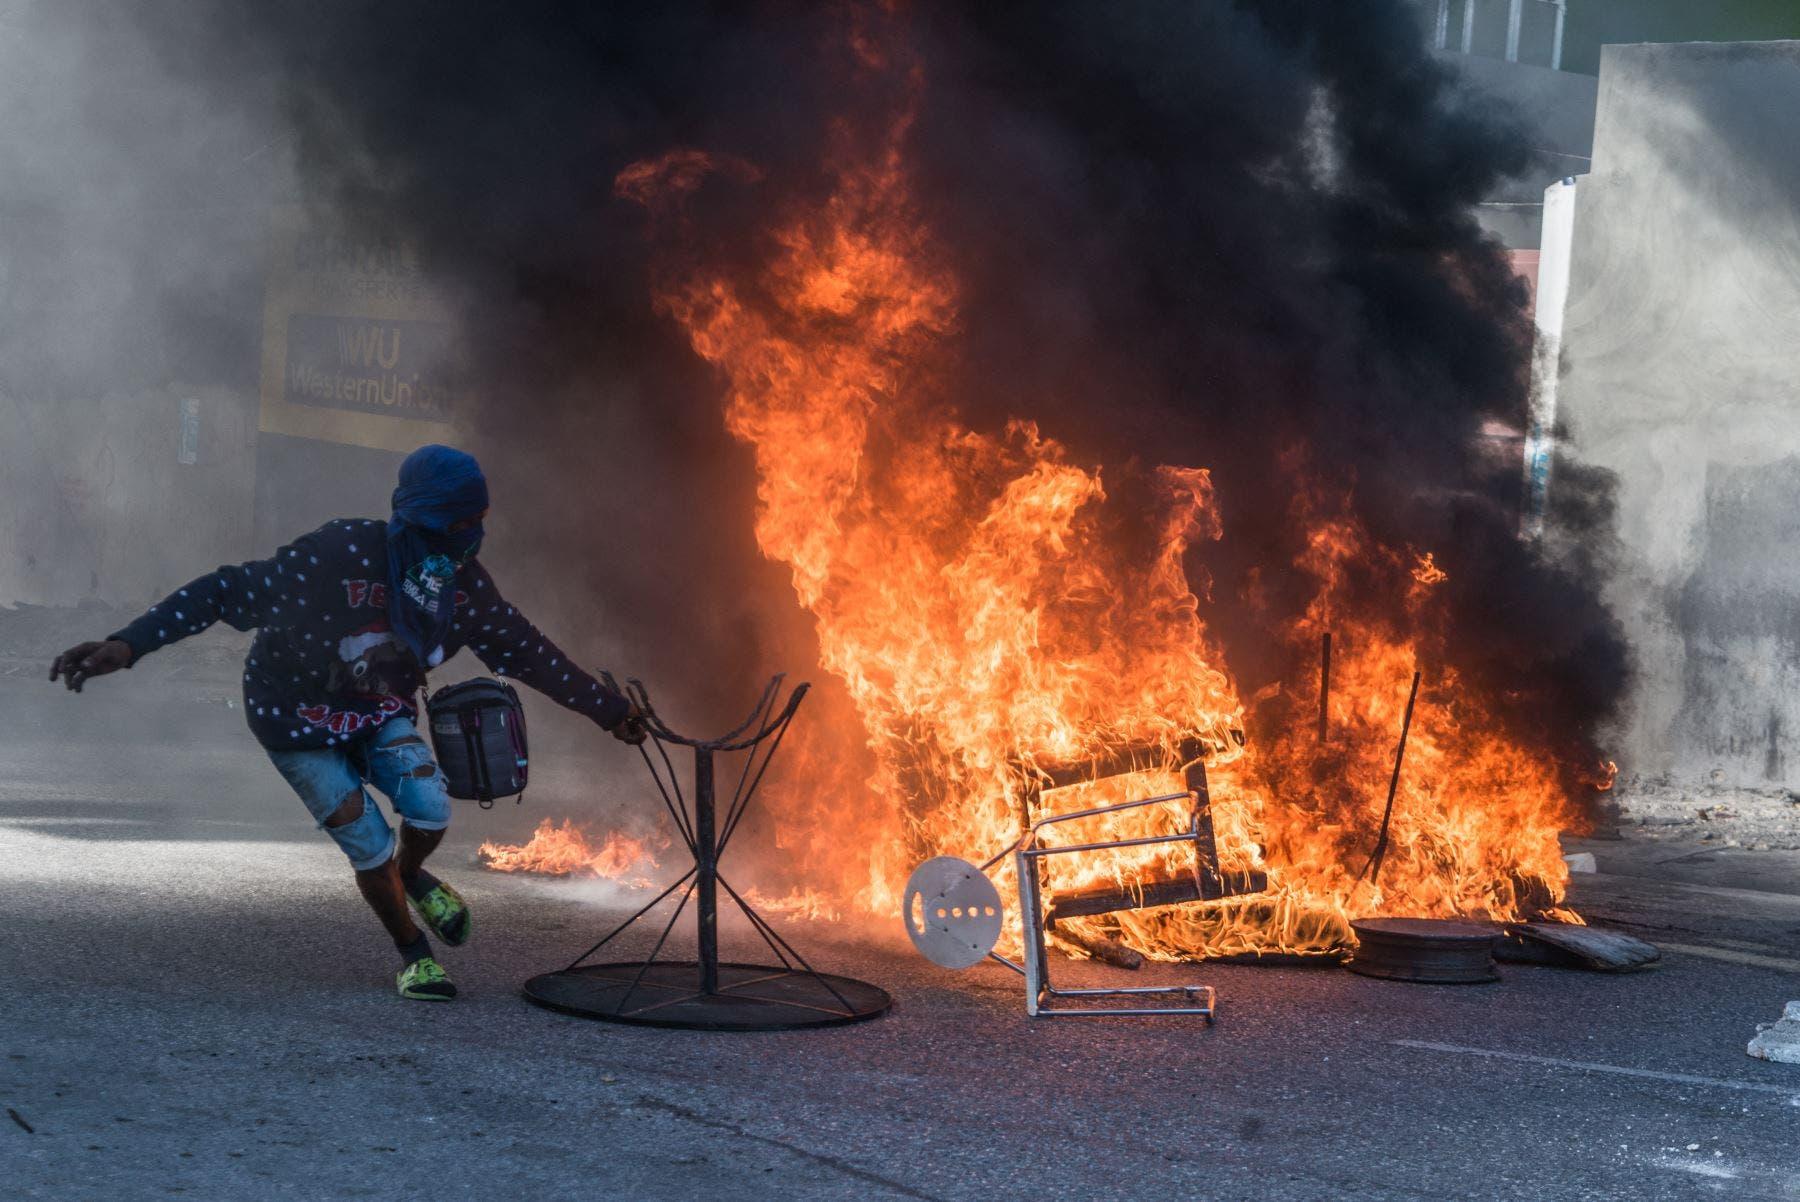 Hartazgo en Haití por secuestros indiscriminados saca a la gente a la calle